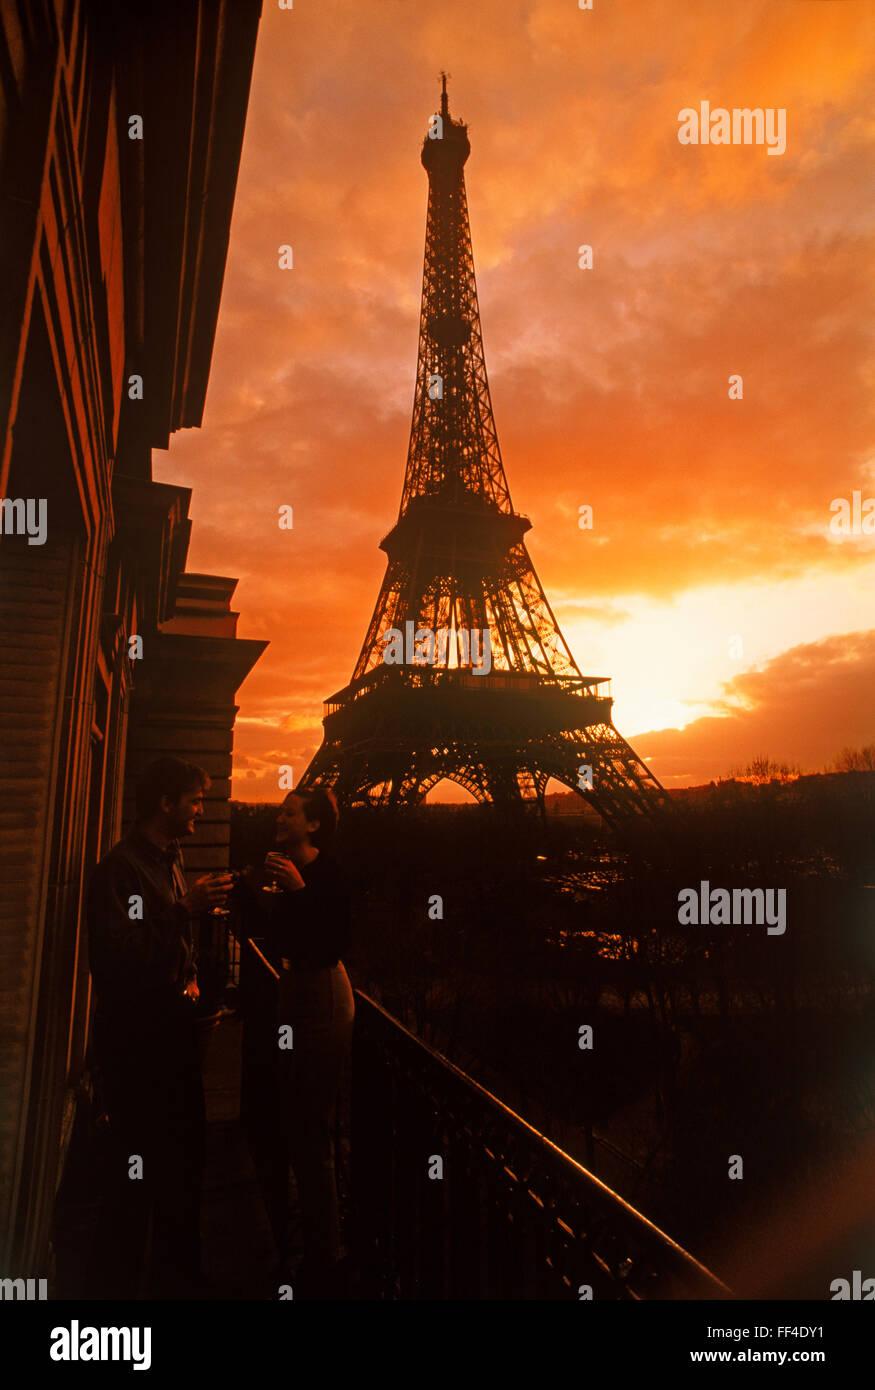 Appartement balcon donnant sur deux sunset boisson sous ciel dramatique près de la Tour Eiffel à Paris Photo Stock